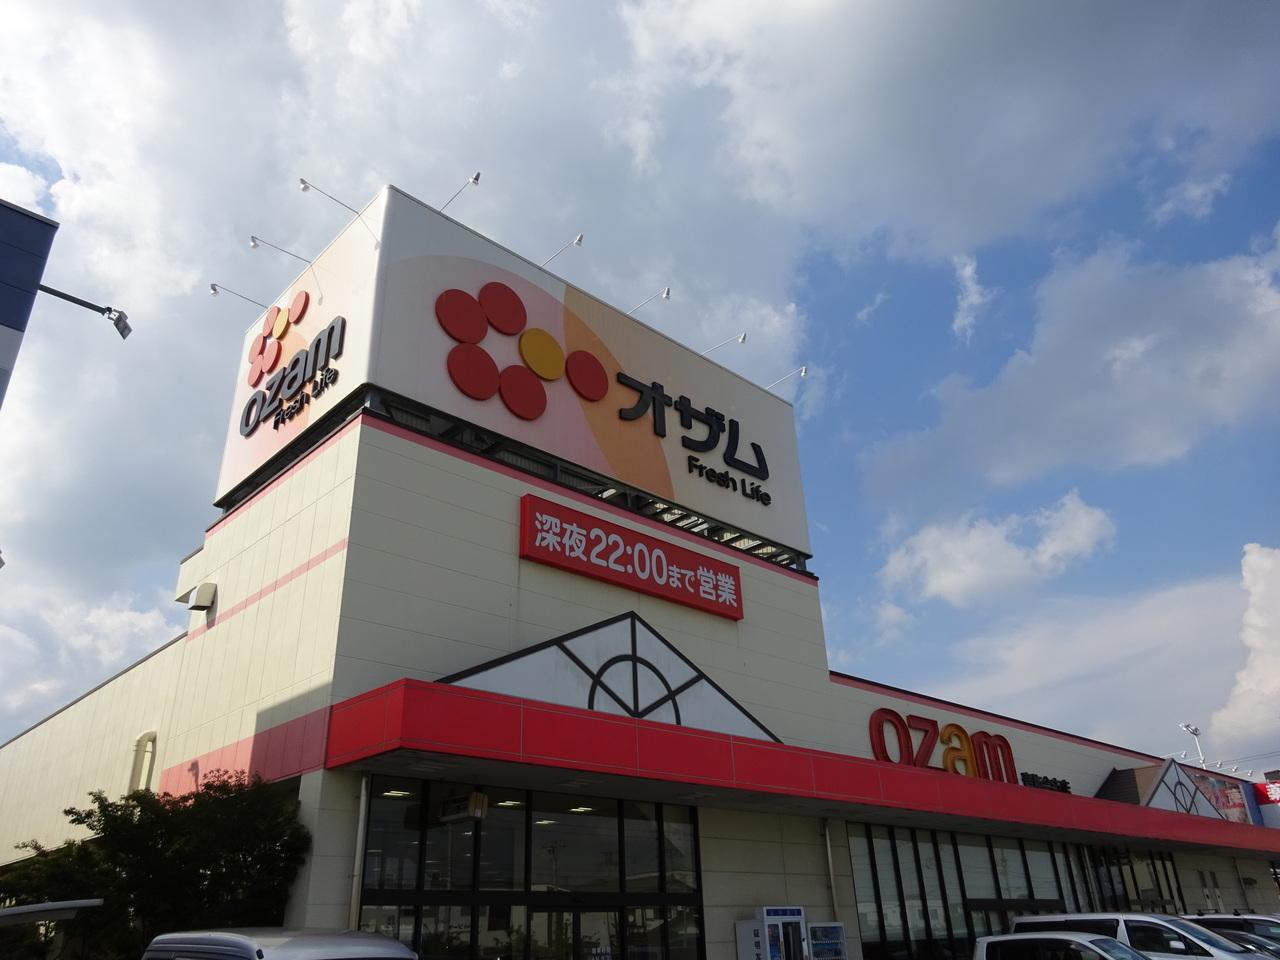 【スーパー】スーパーオザム品揃えが豊富なスーパーです。毎週日曜日には8時から朝市が開かれます